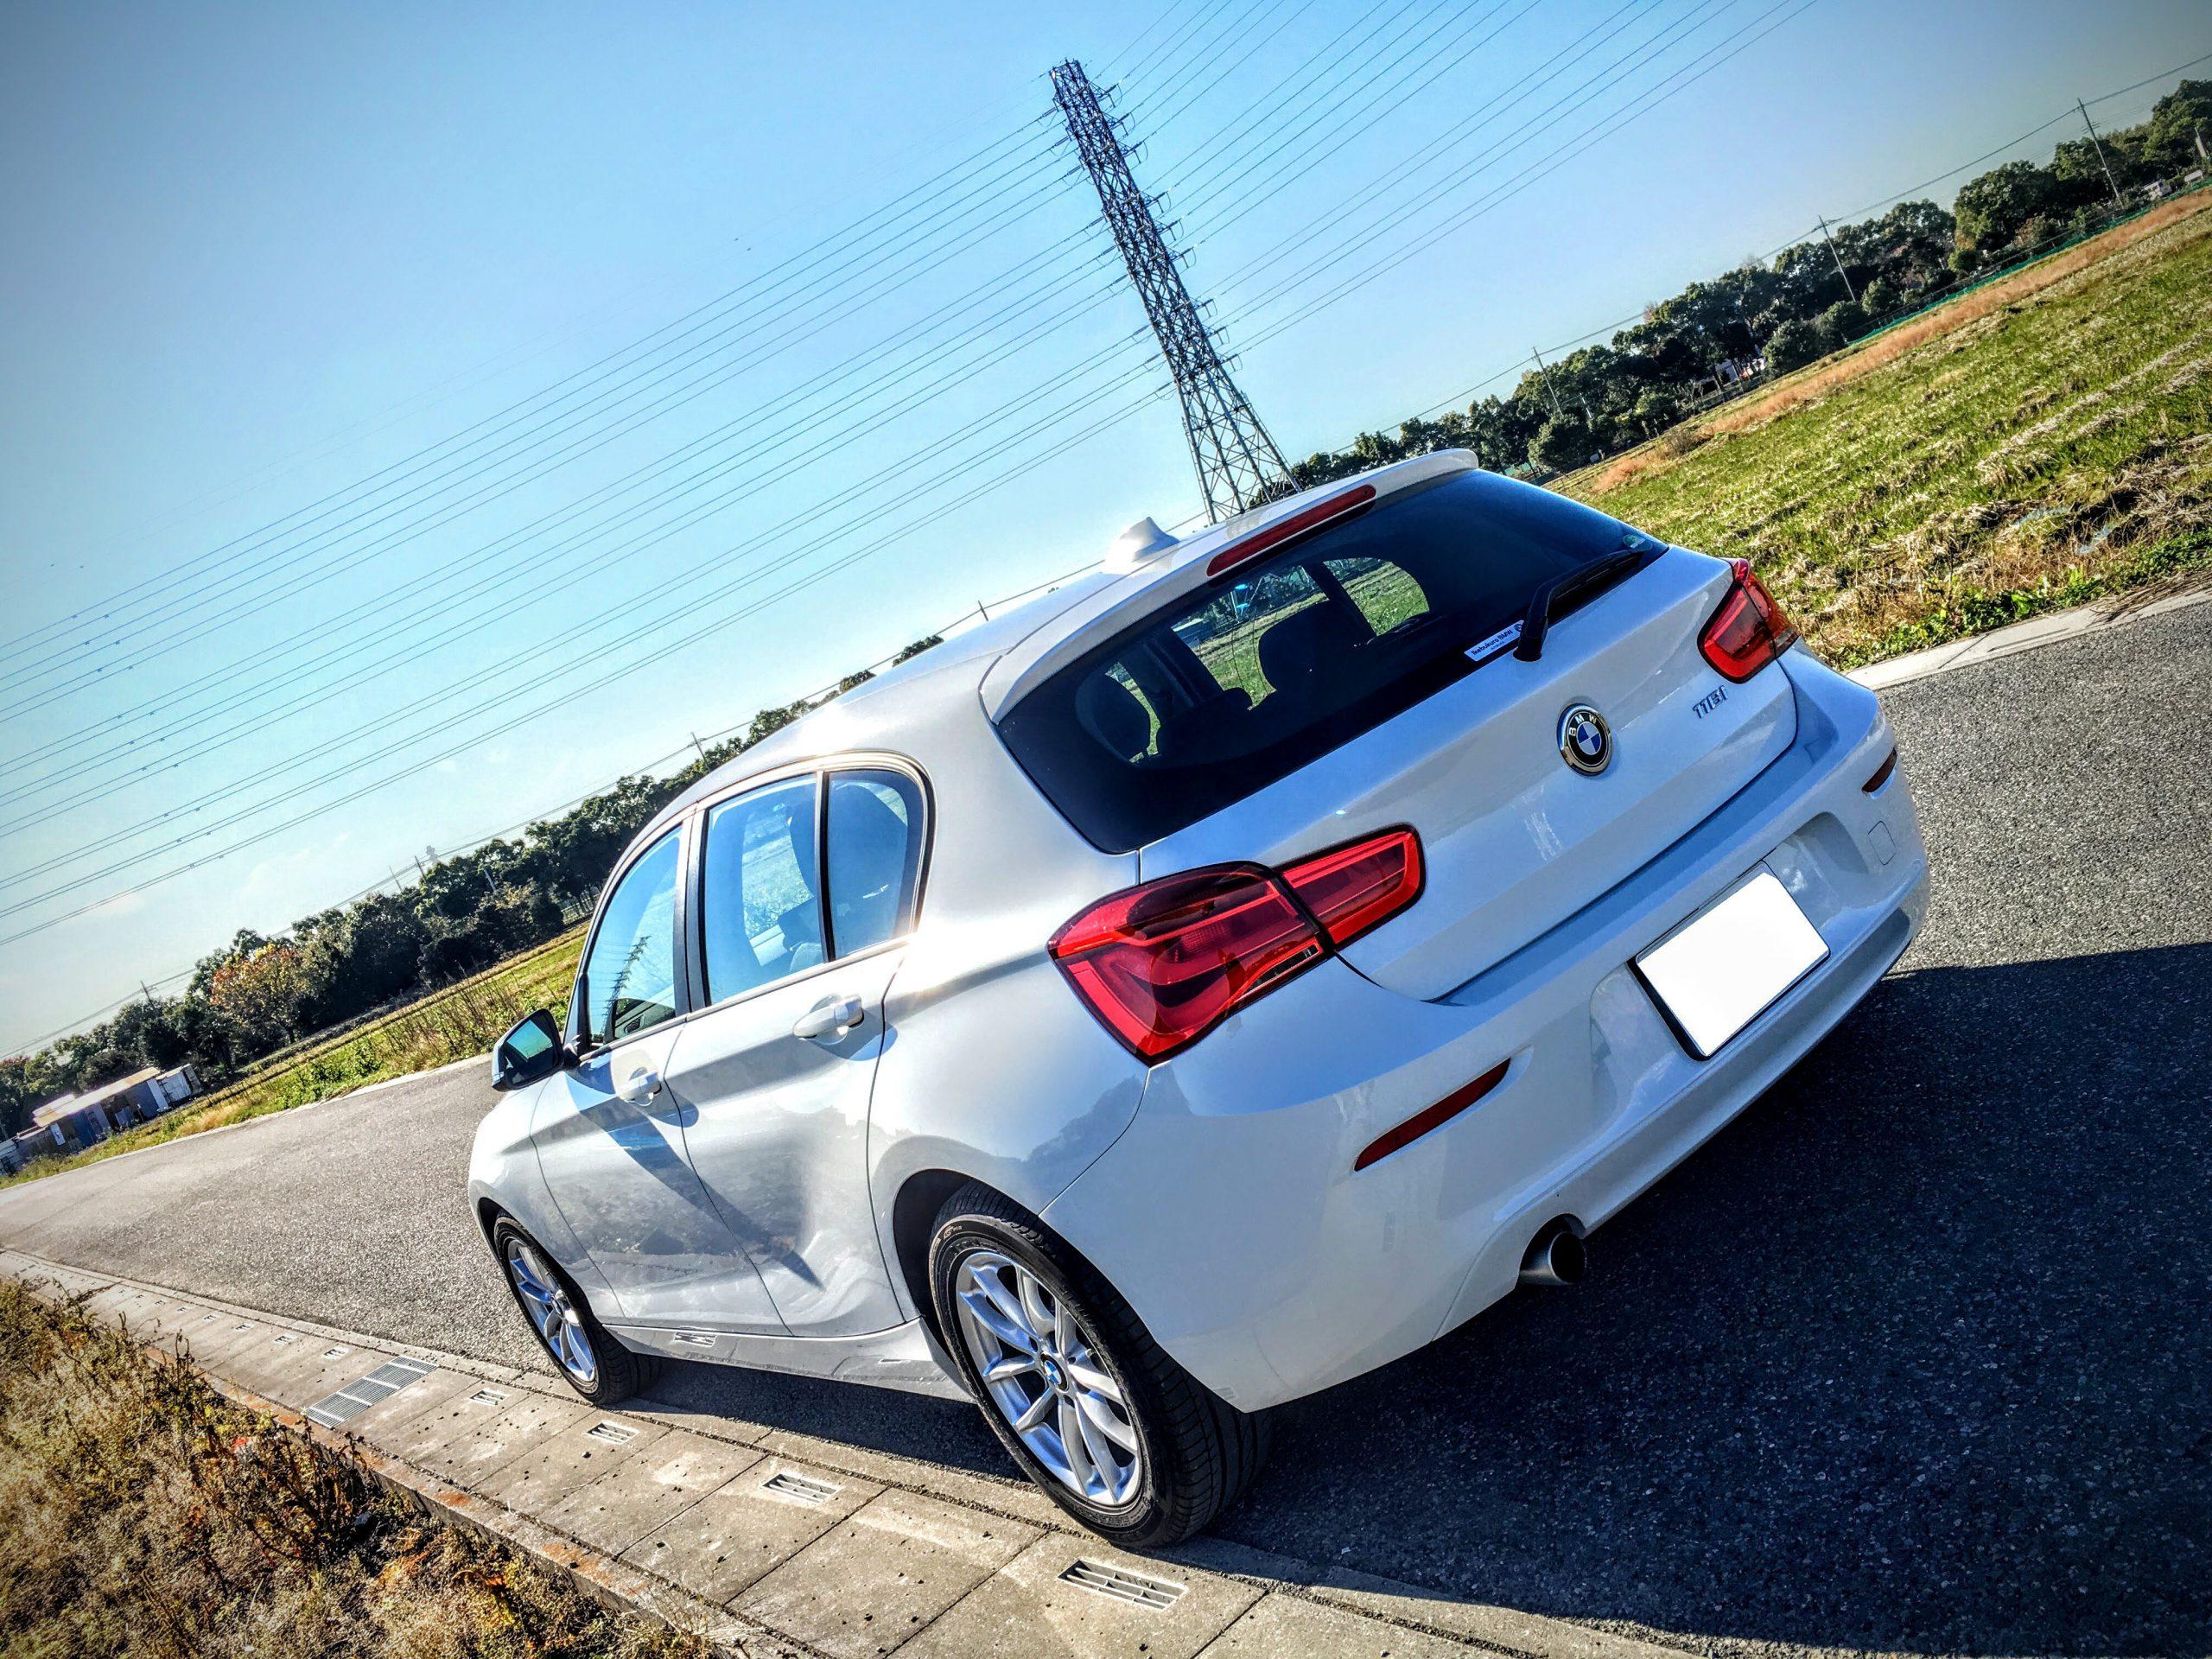 BMW118i(F20)での代車生活を振り返ってインプレなど